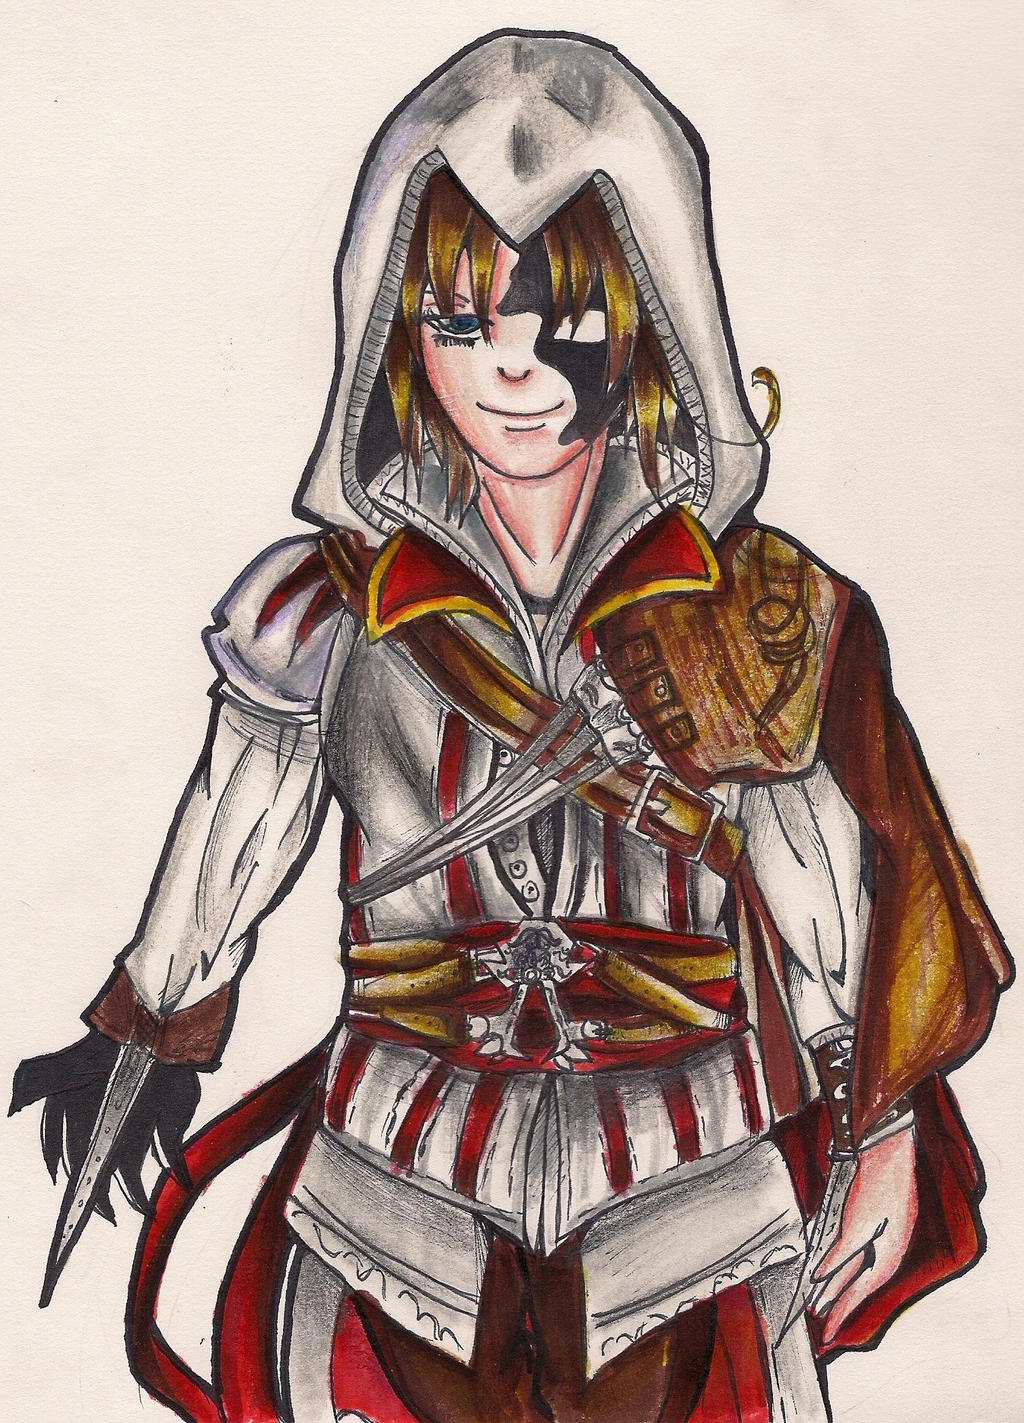 Dreamtalia shawdow italy the assassin by Itacat